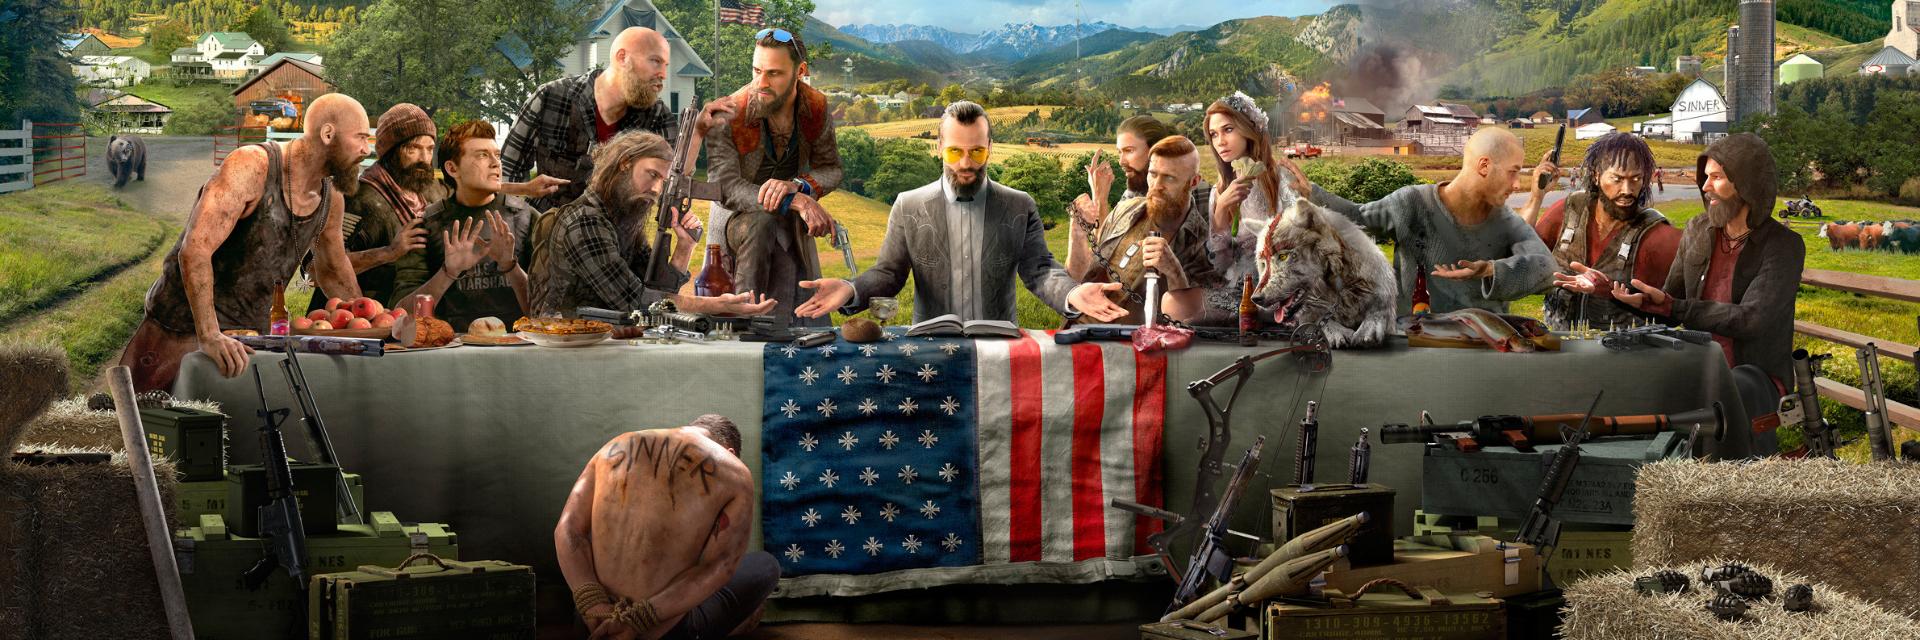 【講 GAME 話】不信教就吃子彈!《極地戰嚎 5》點燃反抗之火 一同對抗邪教勢力!